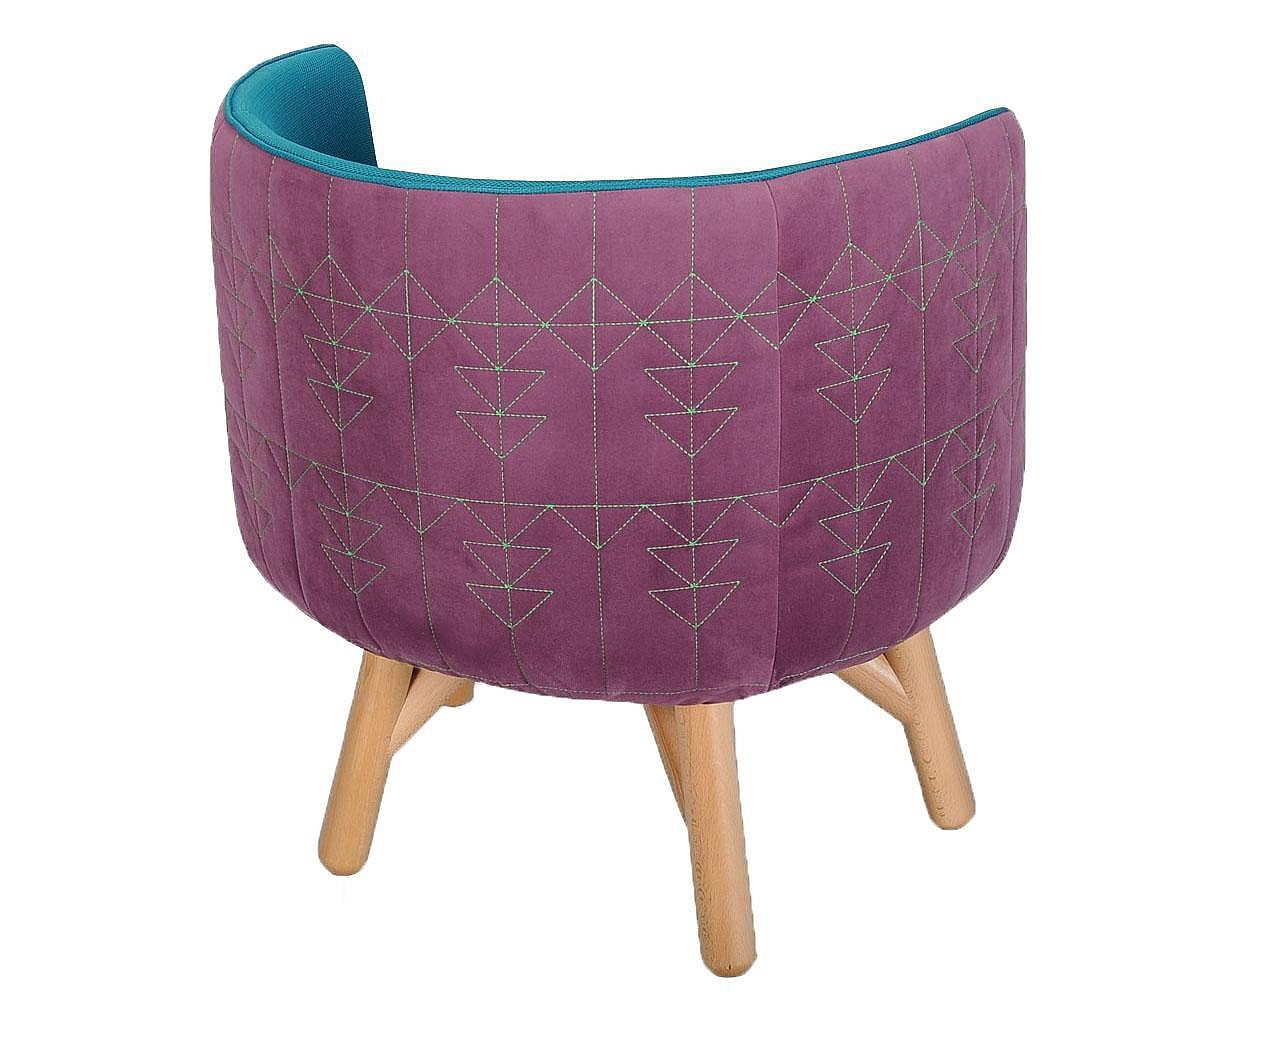 Fotelja Tarka Small Purple Blue